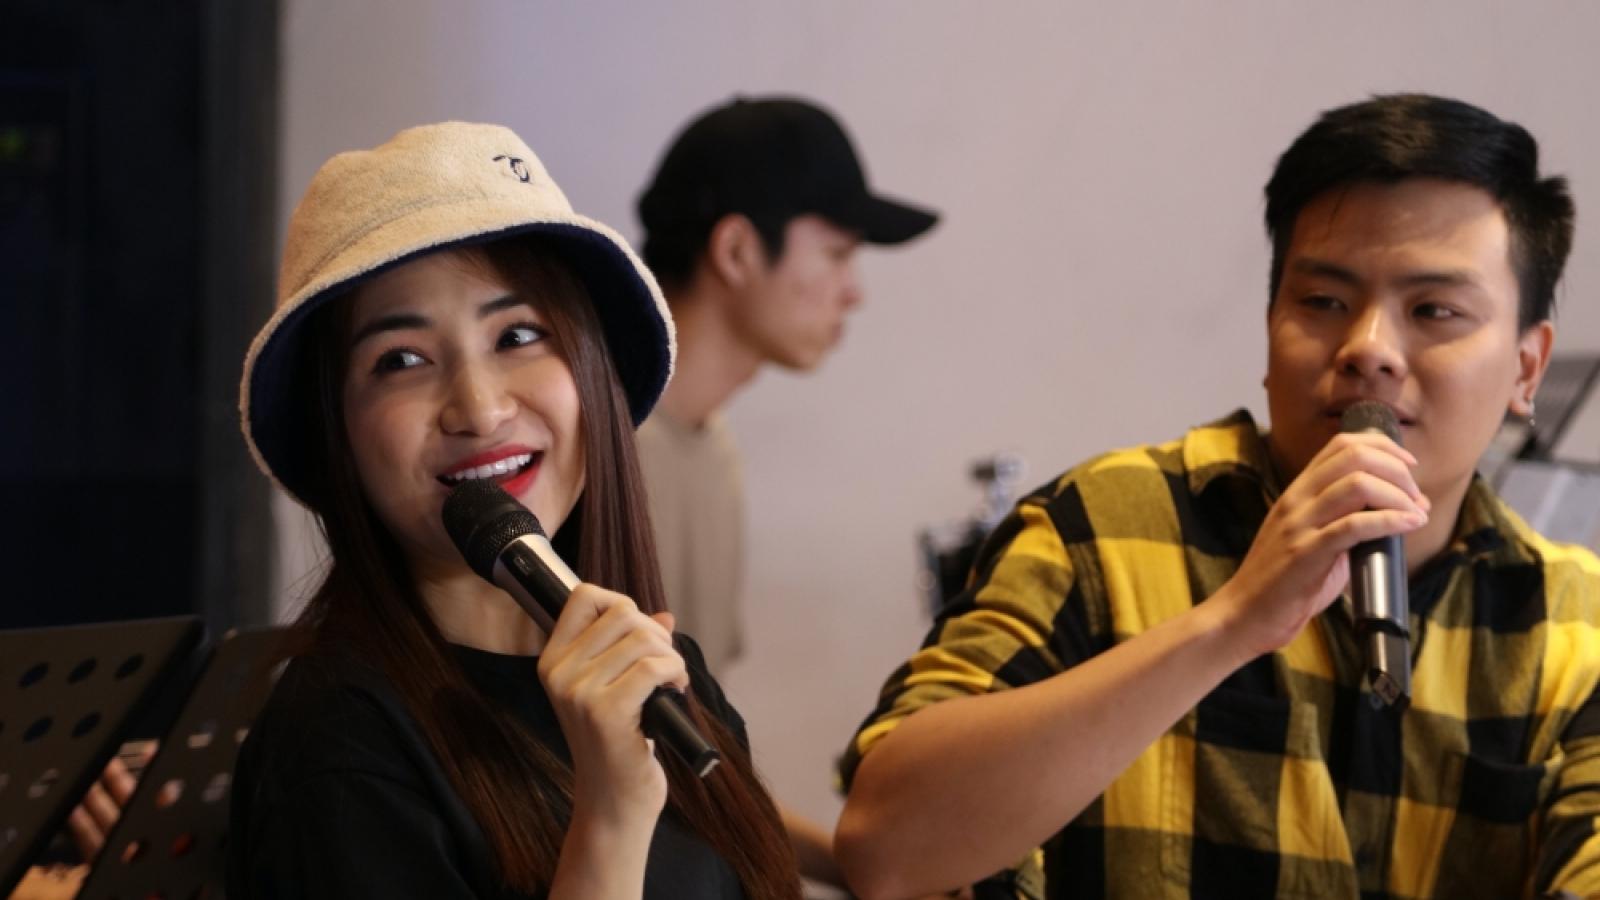 Hòa Minzy thật thà thú nhận ế show vì dịch, tiết lộ cát-xê thuở mới vào nghề